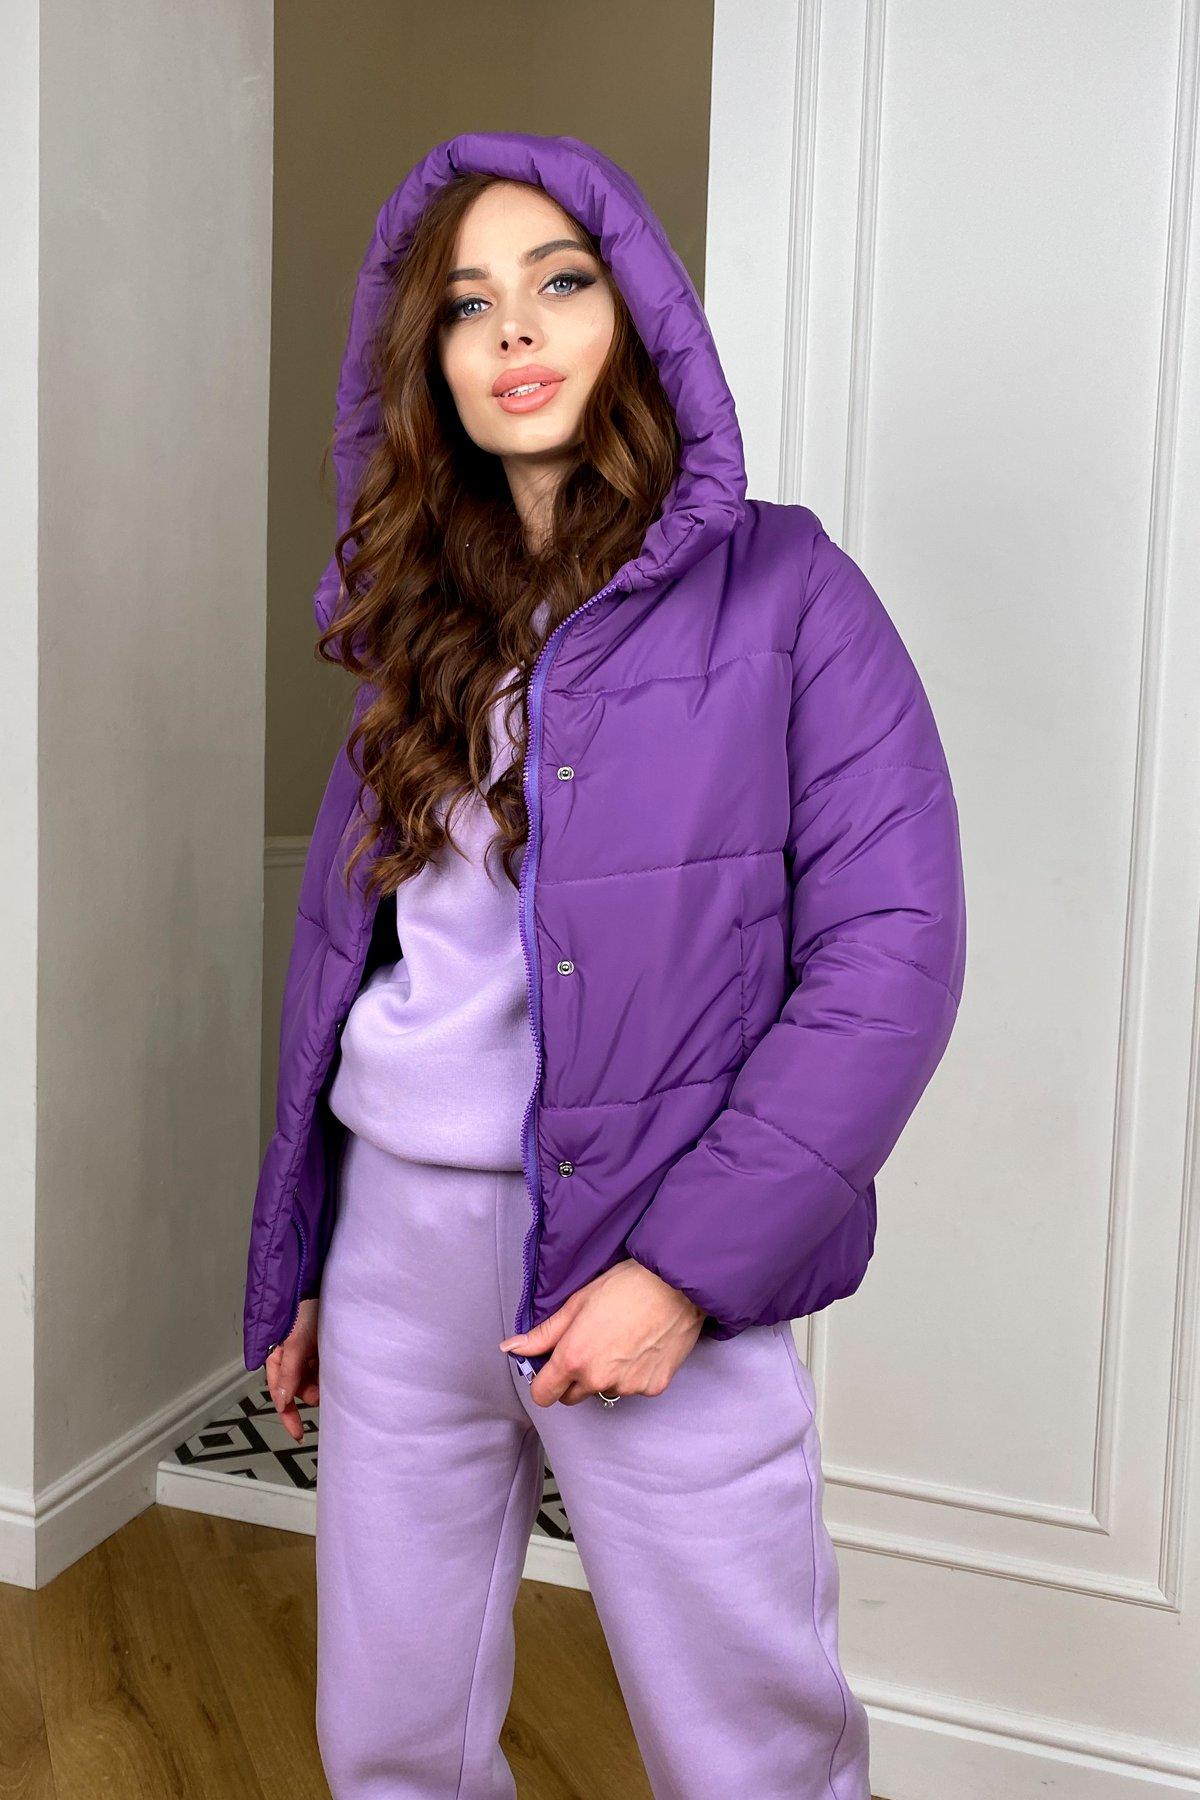 Рито  куртка из плащевой ткани Ammy  10443 АРТ. 46763 Цвет: Сиреневый 861 - фото 5, интернет магазин tm-modus.ru